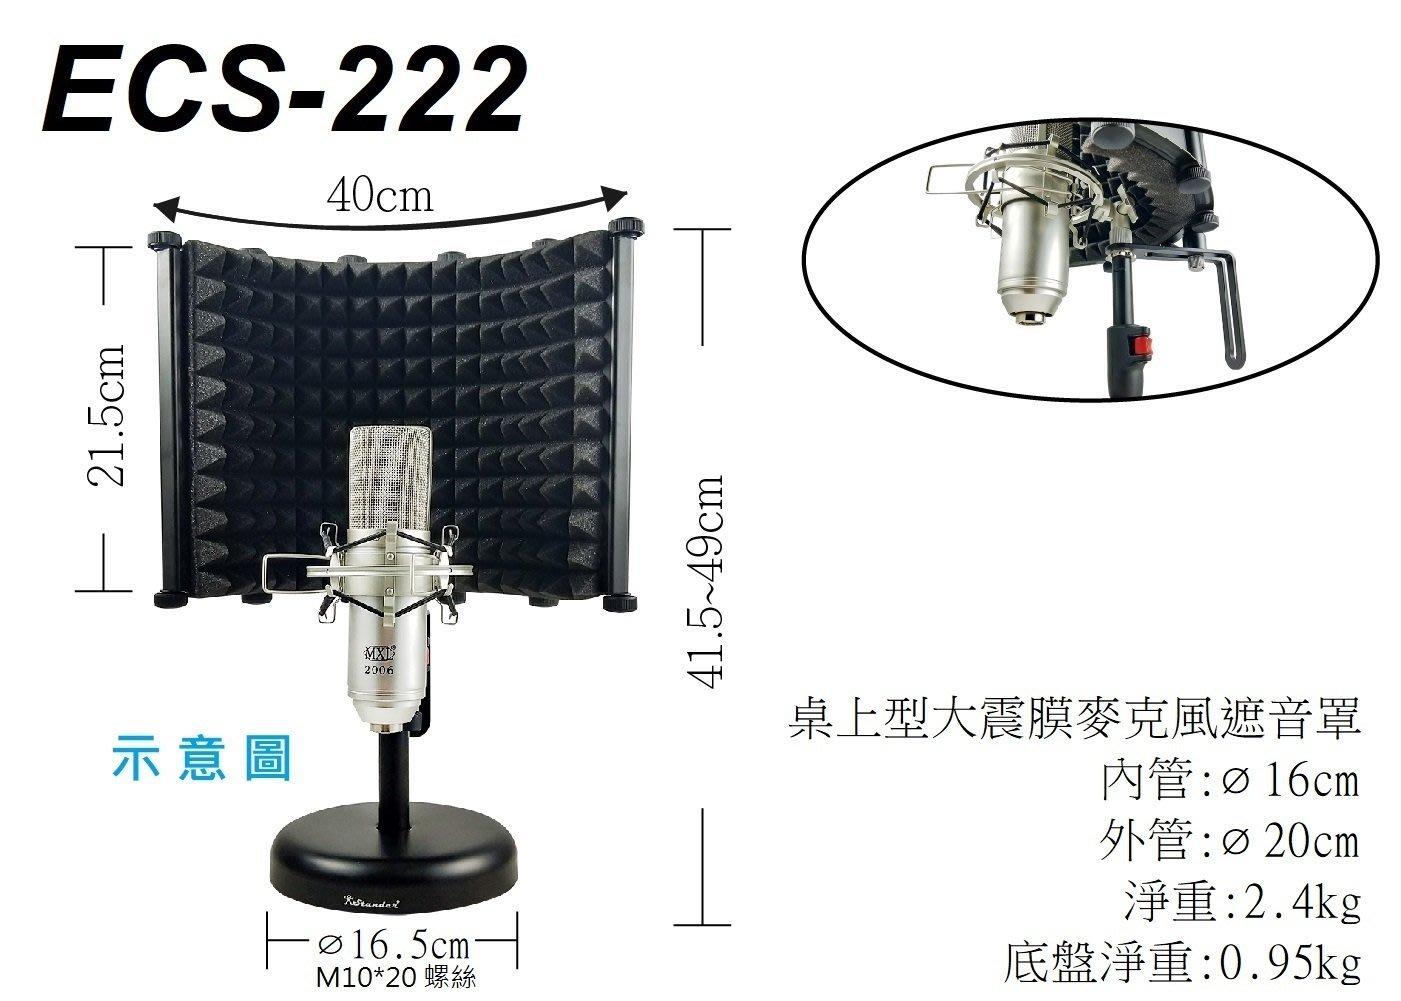 【六絃樂器】全新 ECS-222 桌上型大振膜麥克風遮音罩 / 防串音 防反射 工作站錄音室